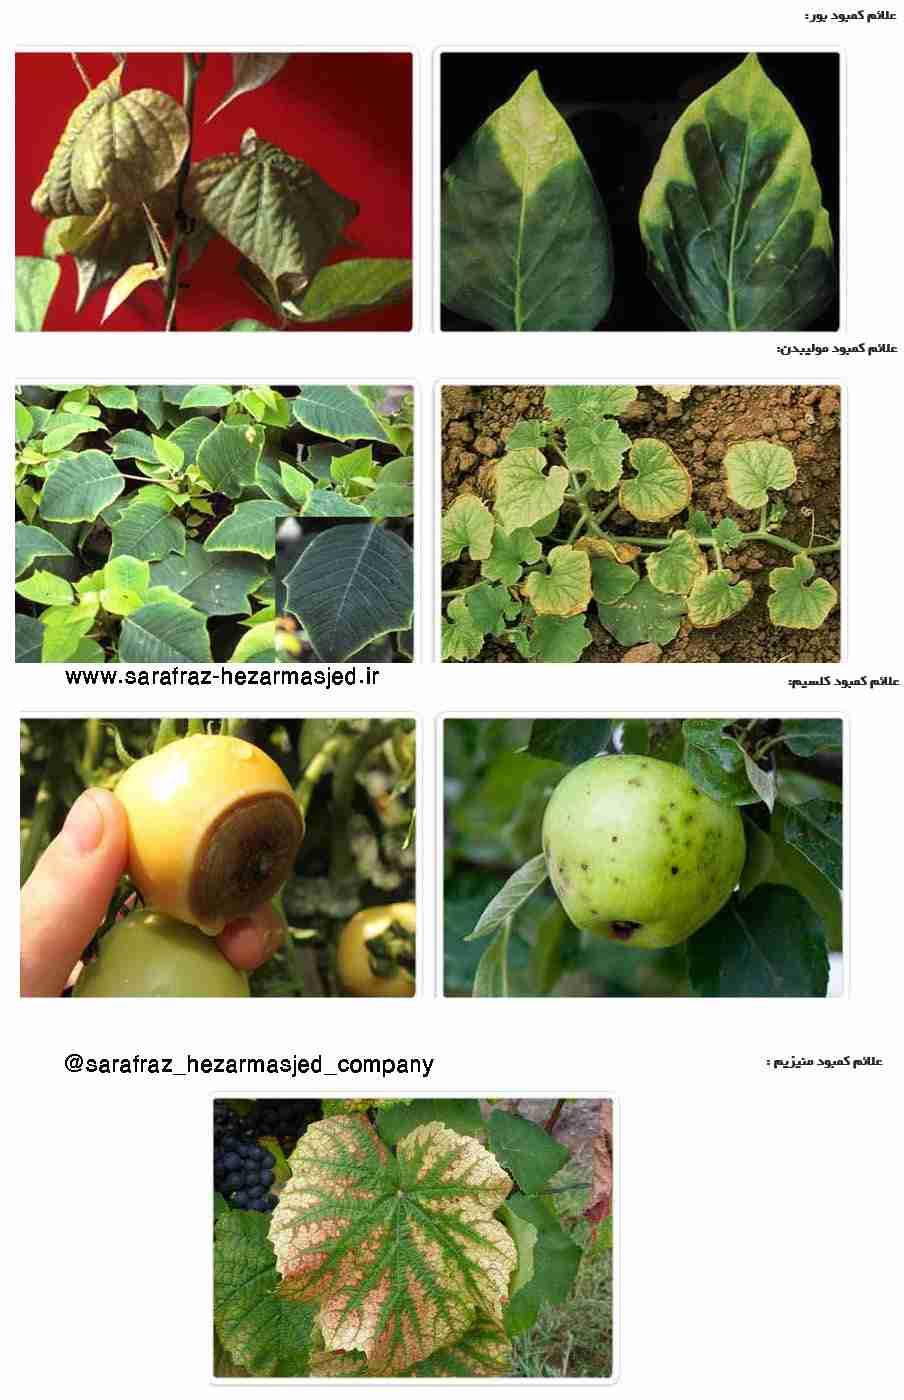 علایم کمبود بور ، کلسیم ، مولیبدن ، منیزیوم در گیاهان